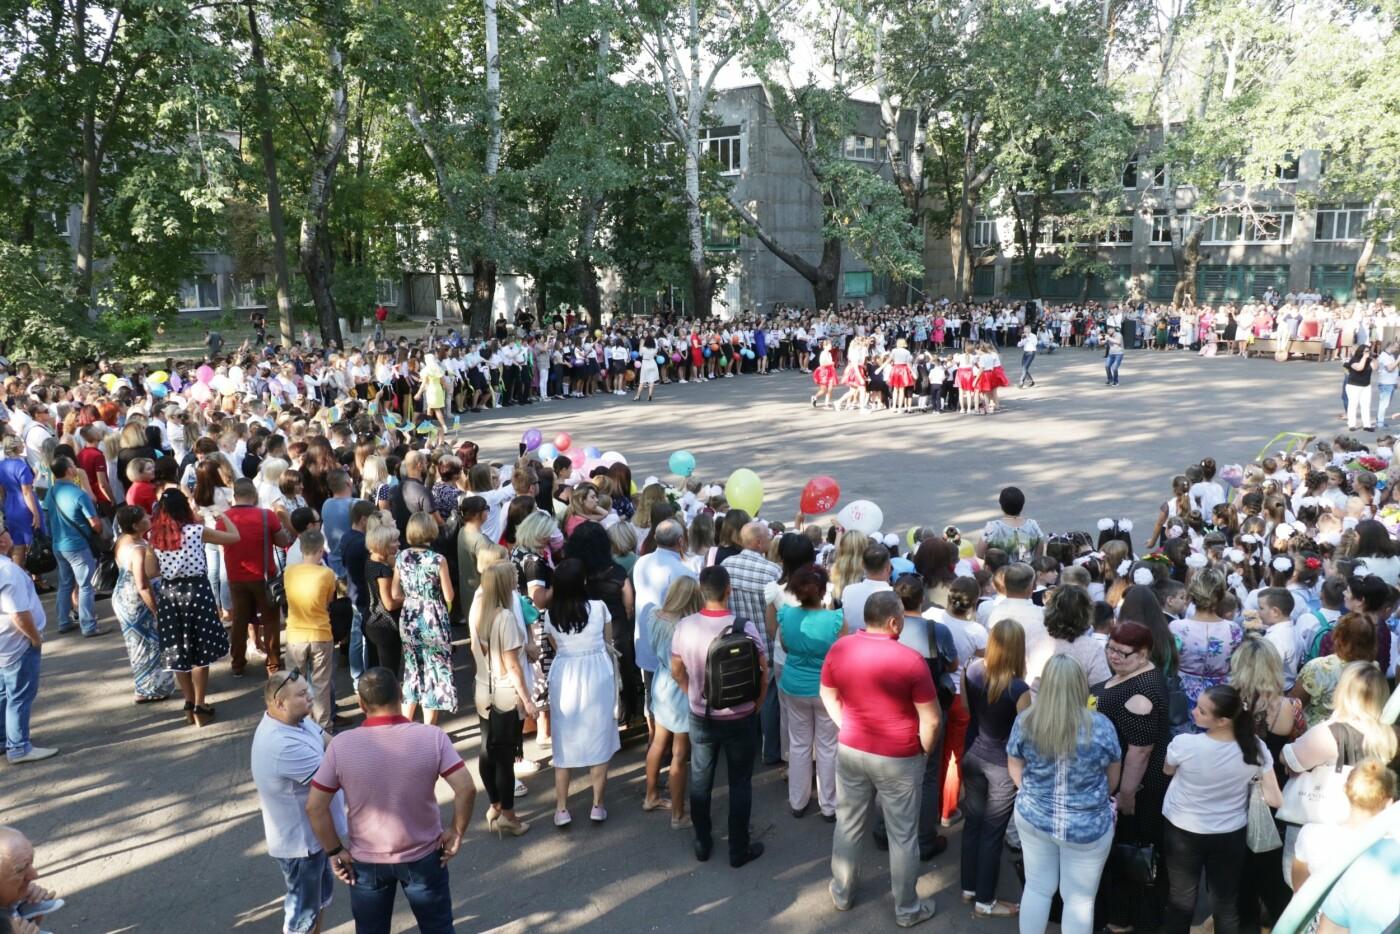 Первый звонок в Новой украинской школе: четыре тысячи первоклашек сели за парты в Мариуполе, - ФОТОРЕПОРТАЖ, фото-14